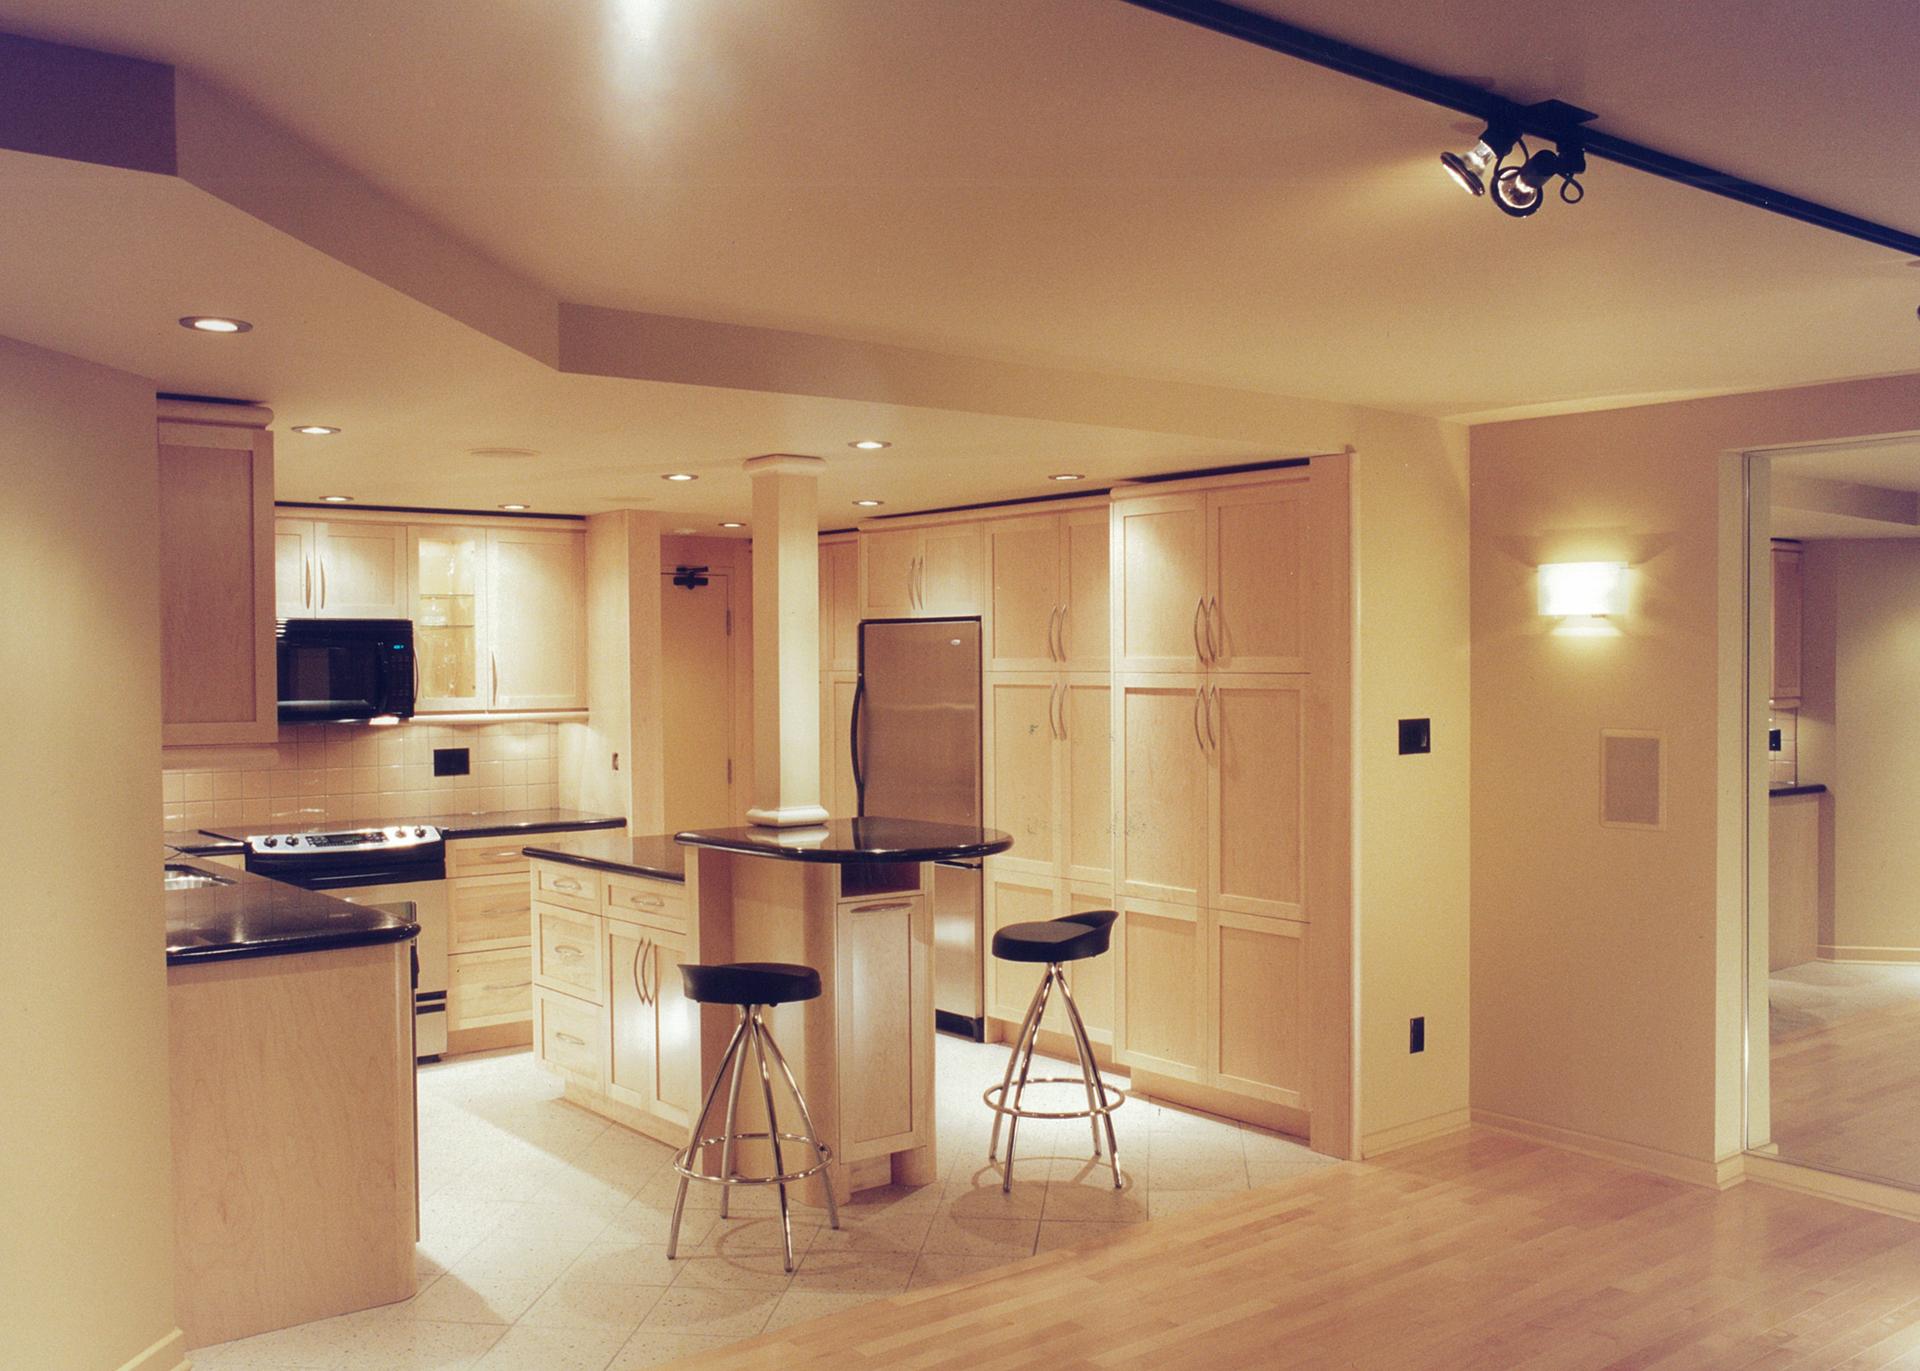 condo kitchen1.jpg